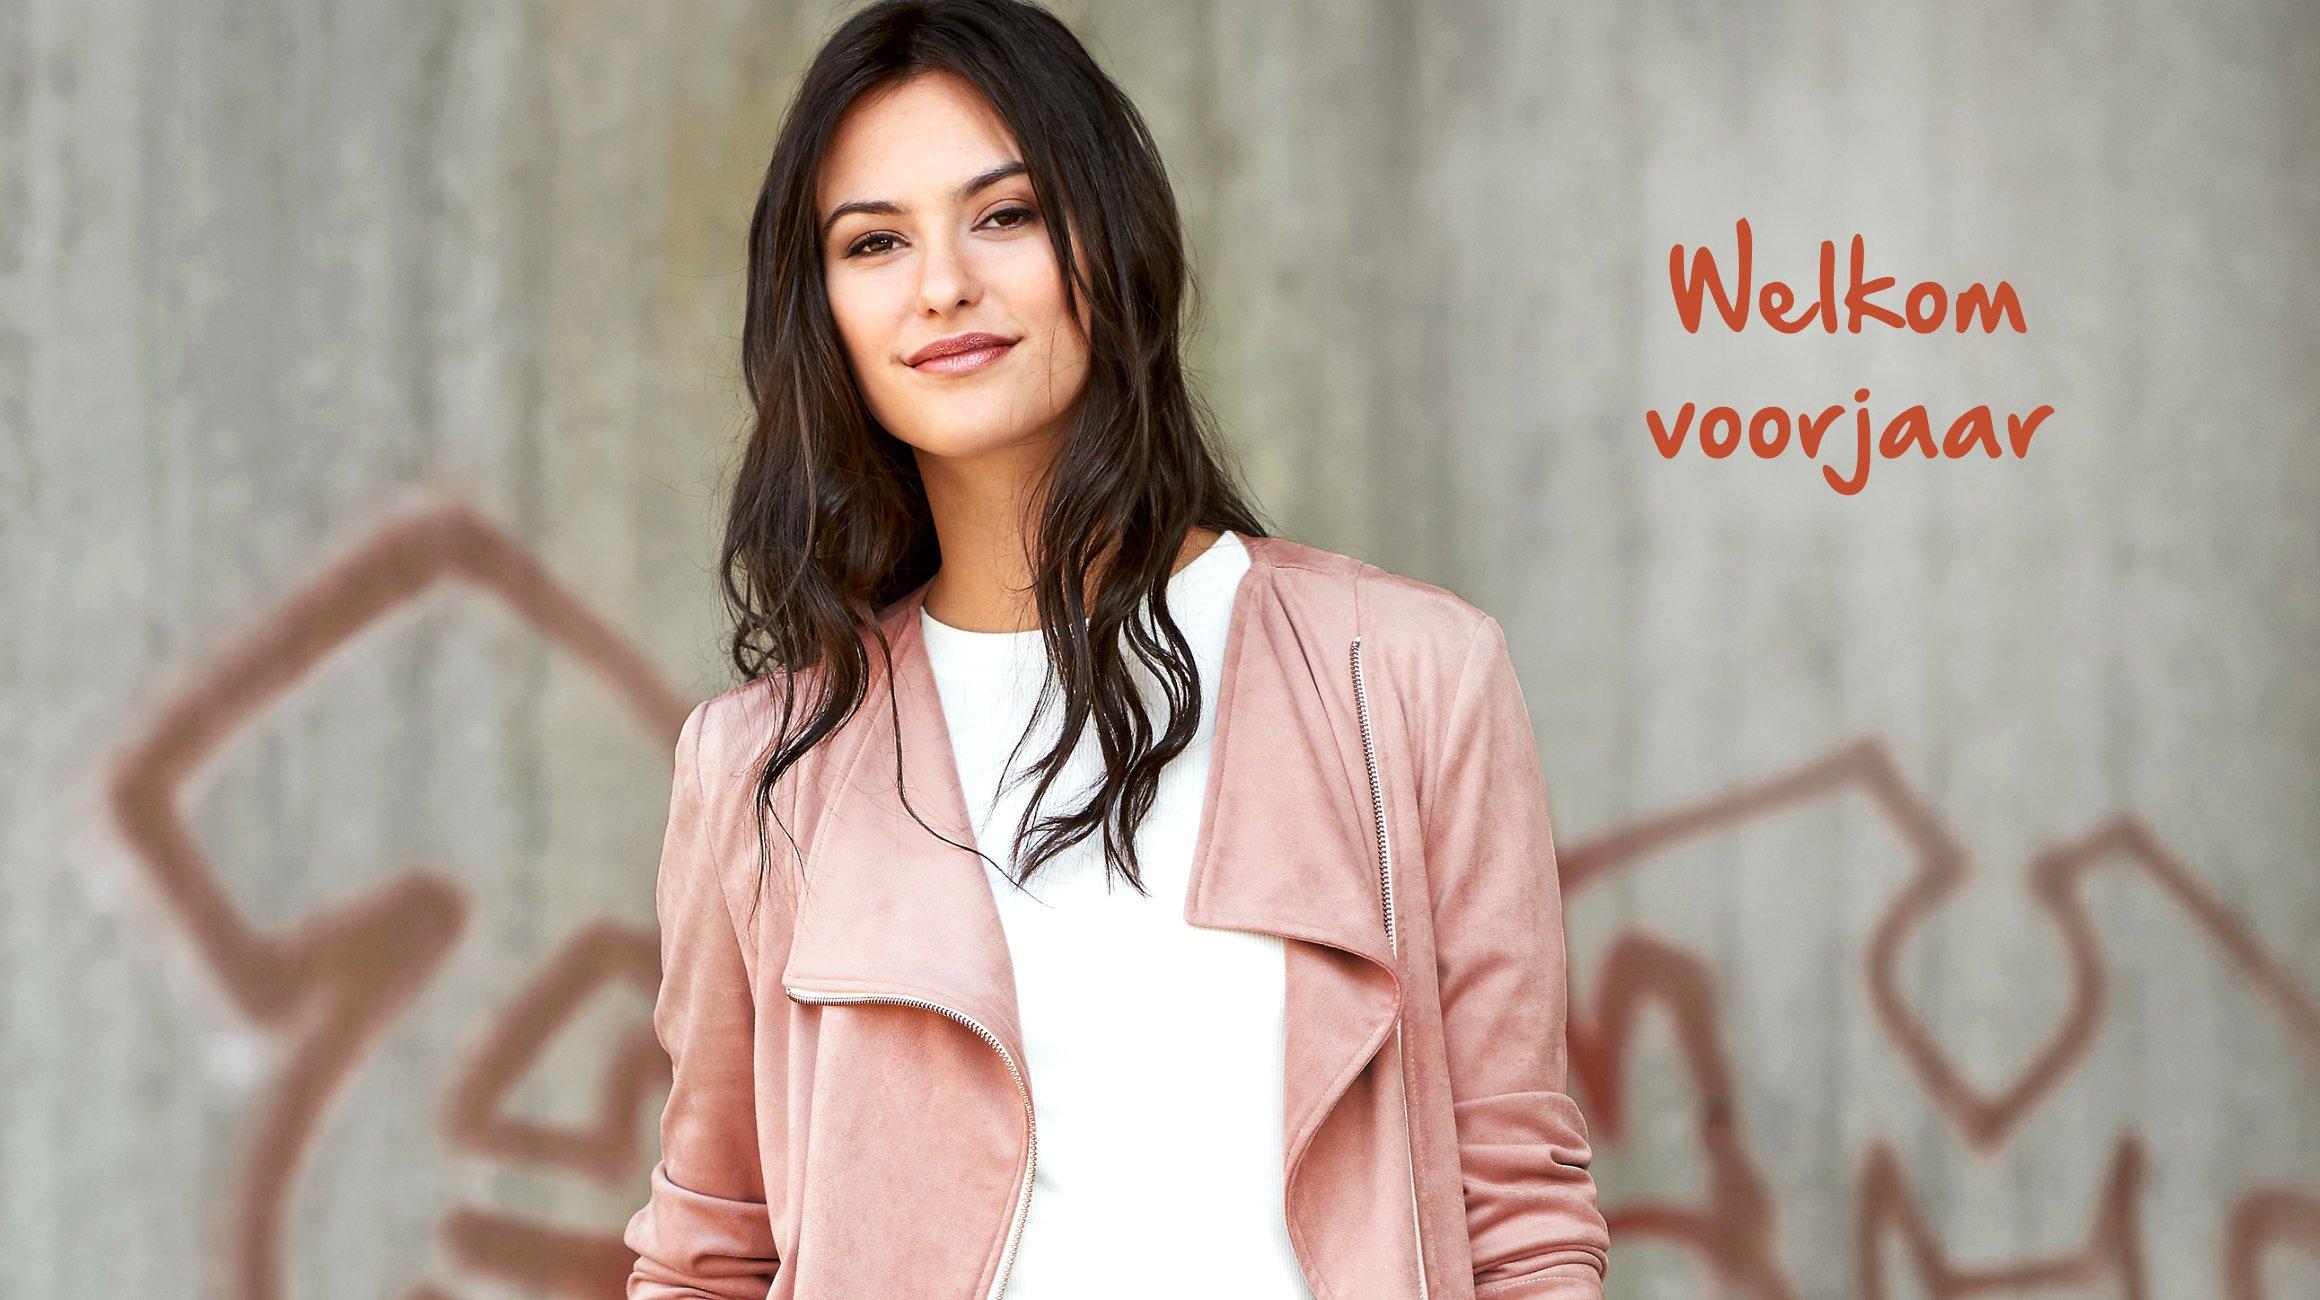 inspirationShop_Homepage_Teaser_211-NL